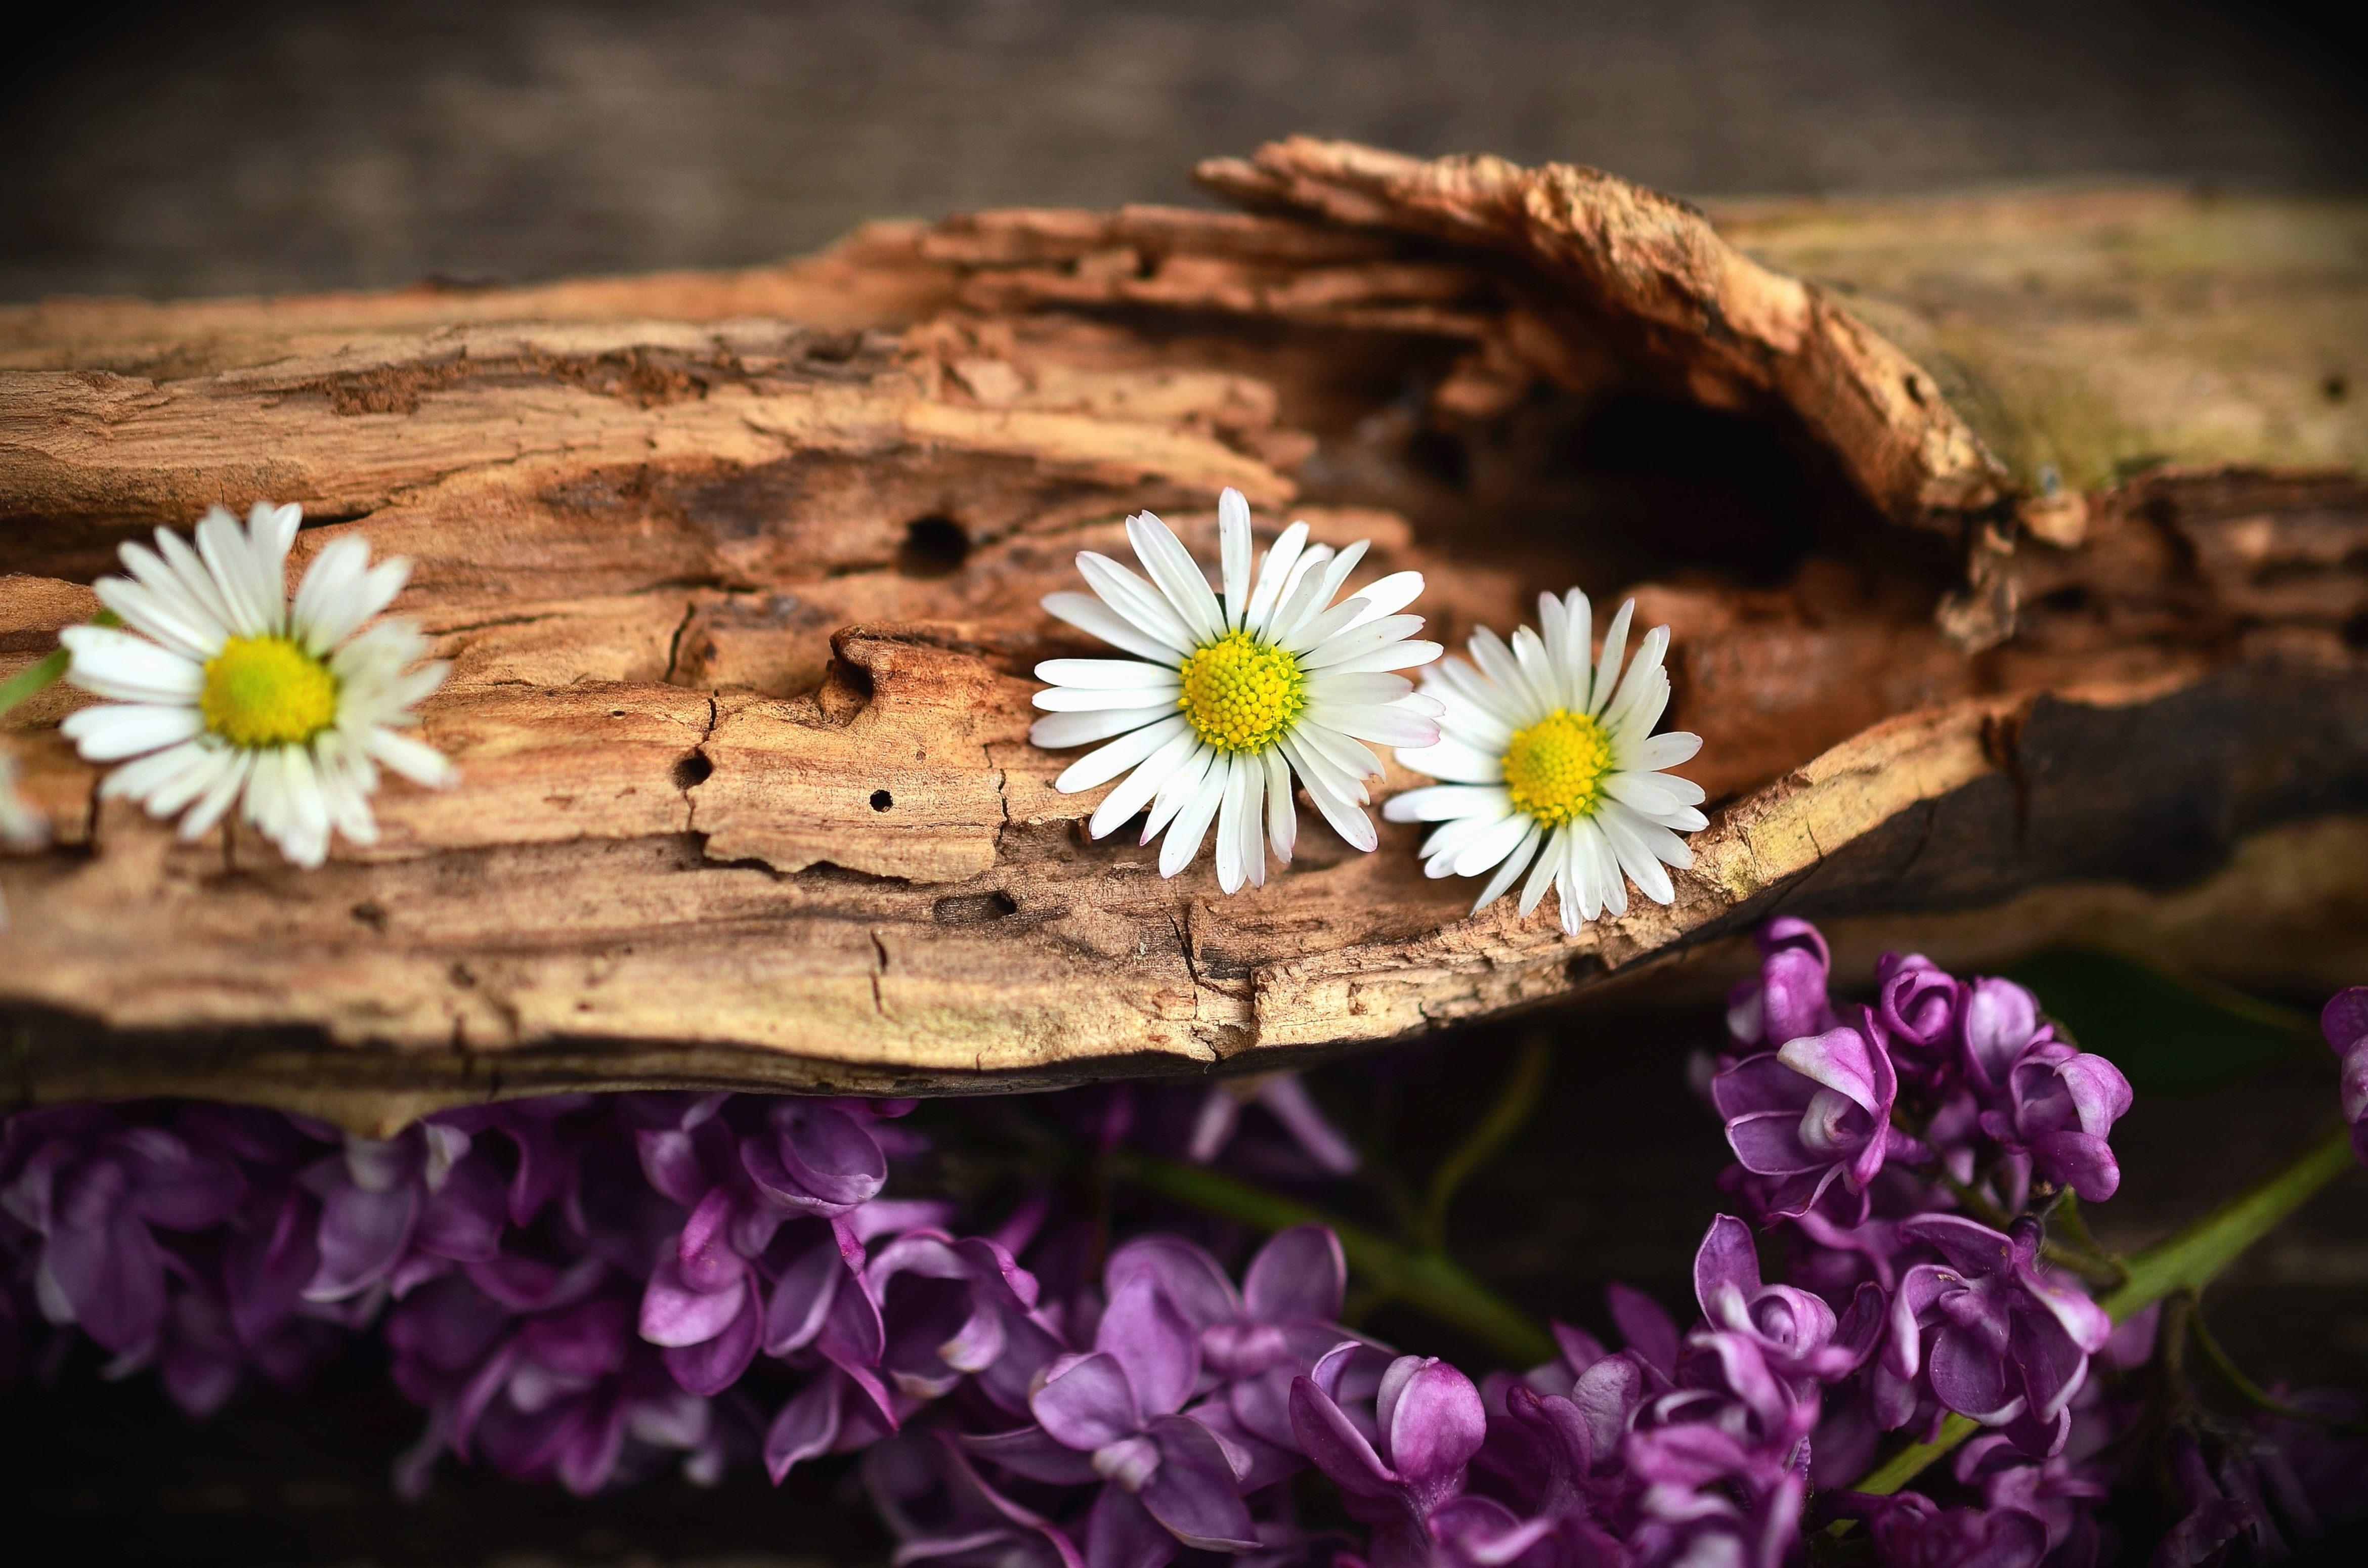 free picture daisy flower petal purple flower tree